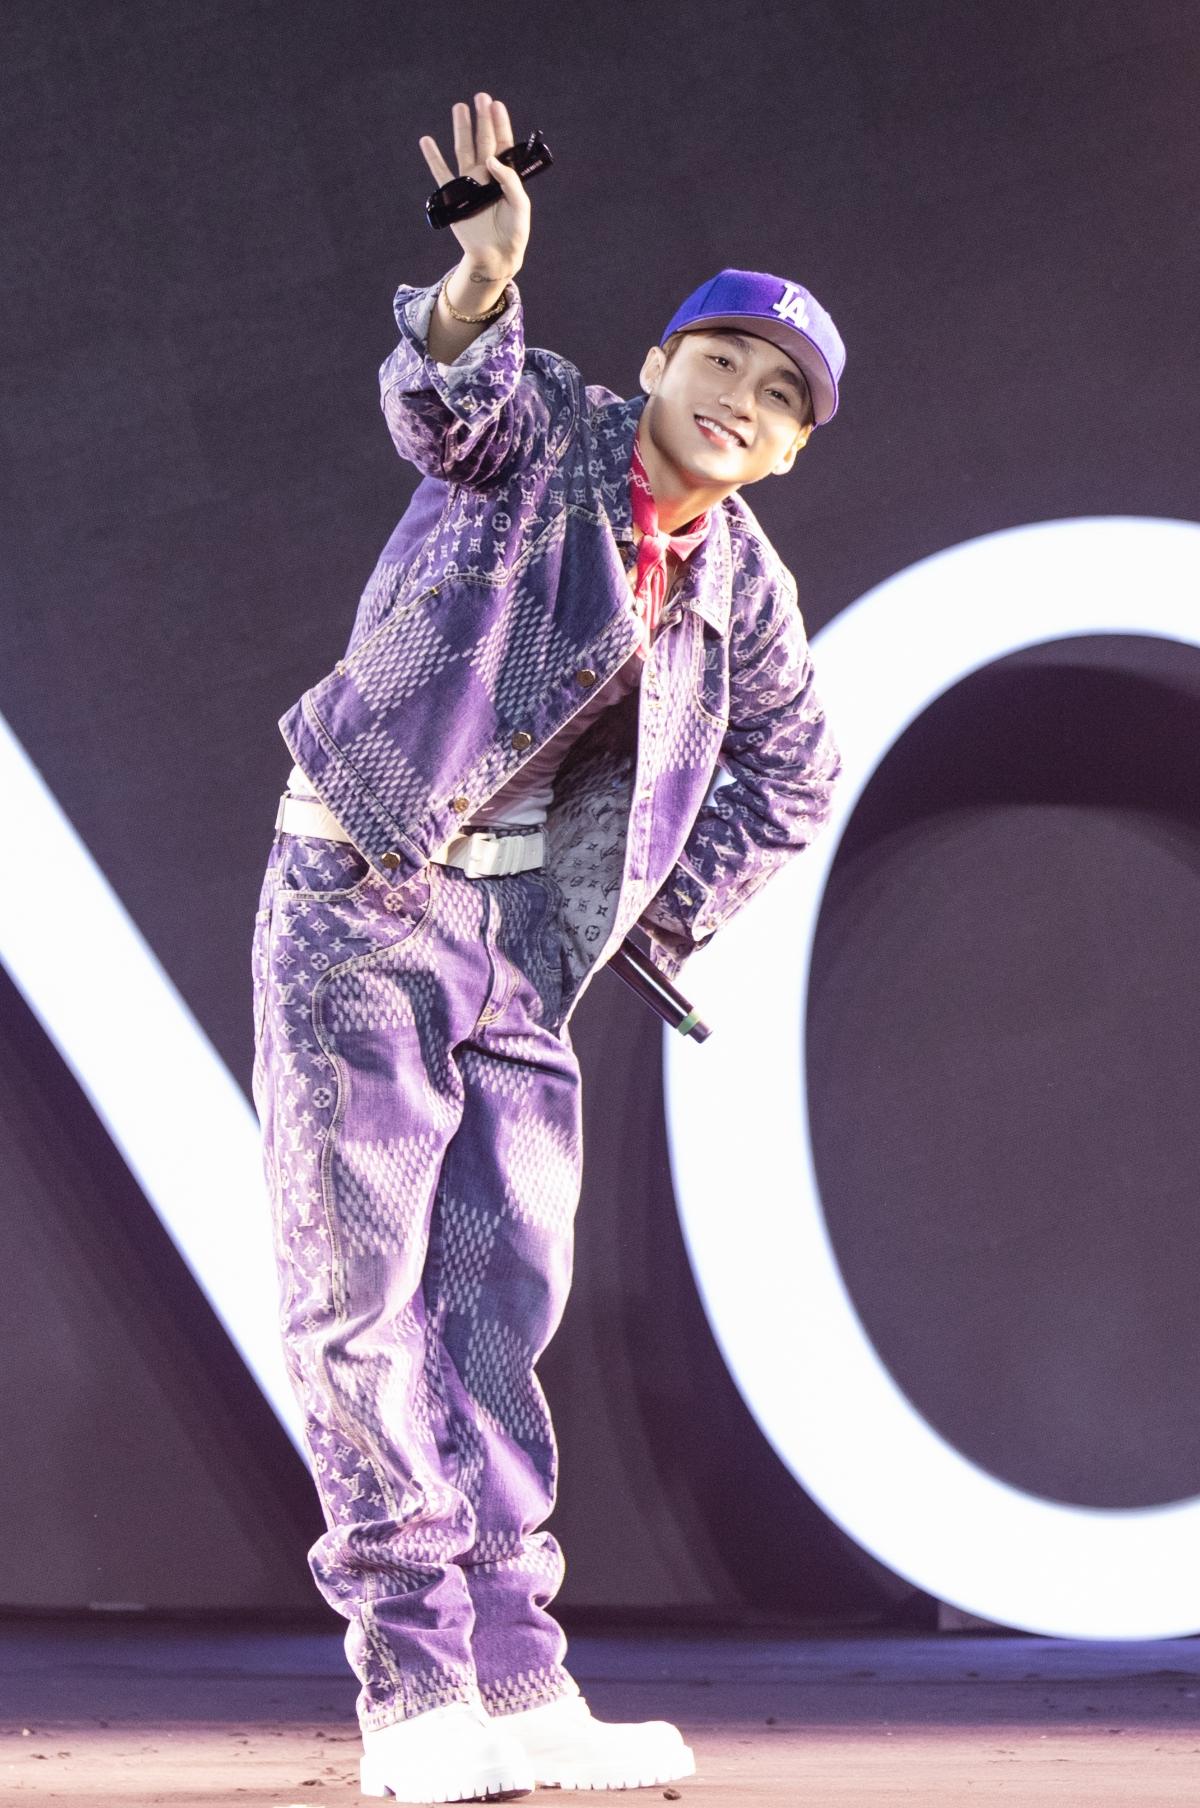 Thông điệp độc đáo này cũng được nam ca sĩ thể hiện thông qua phần nhìn. Sơn Tùng diện bộ cánh denim của Louis Vuitton, phong cách trẻ trung nhưng vẫn đủ nổi bật trên sân khấu. Trước đó, Sơn Tùng từng mang Oppo Watch và cầm Reno4 trong một buổi trình diễn. Chiếc đồng hồ Oppo Watch phiên bản màu hồng từng xuất hiện trong MV Có chắc yêu là đây.